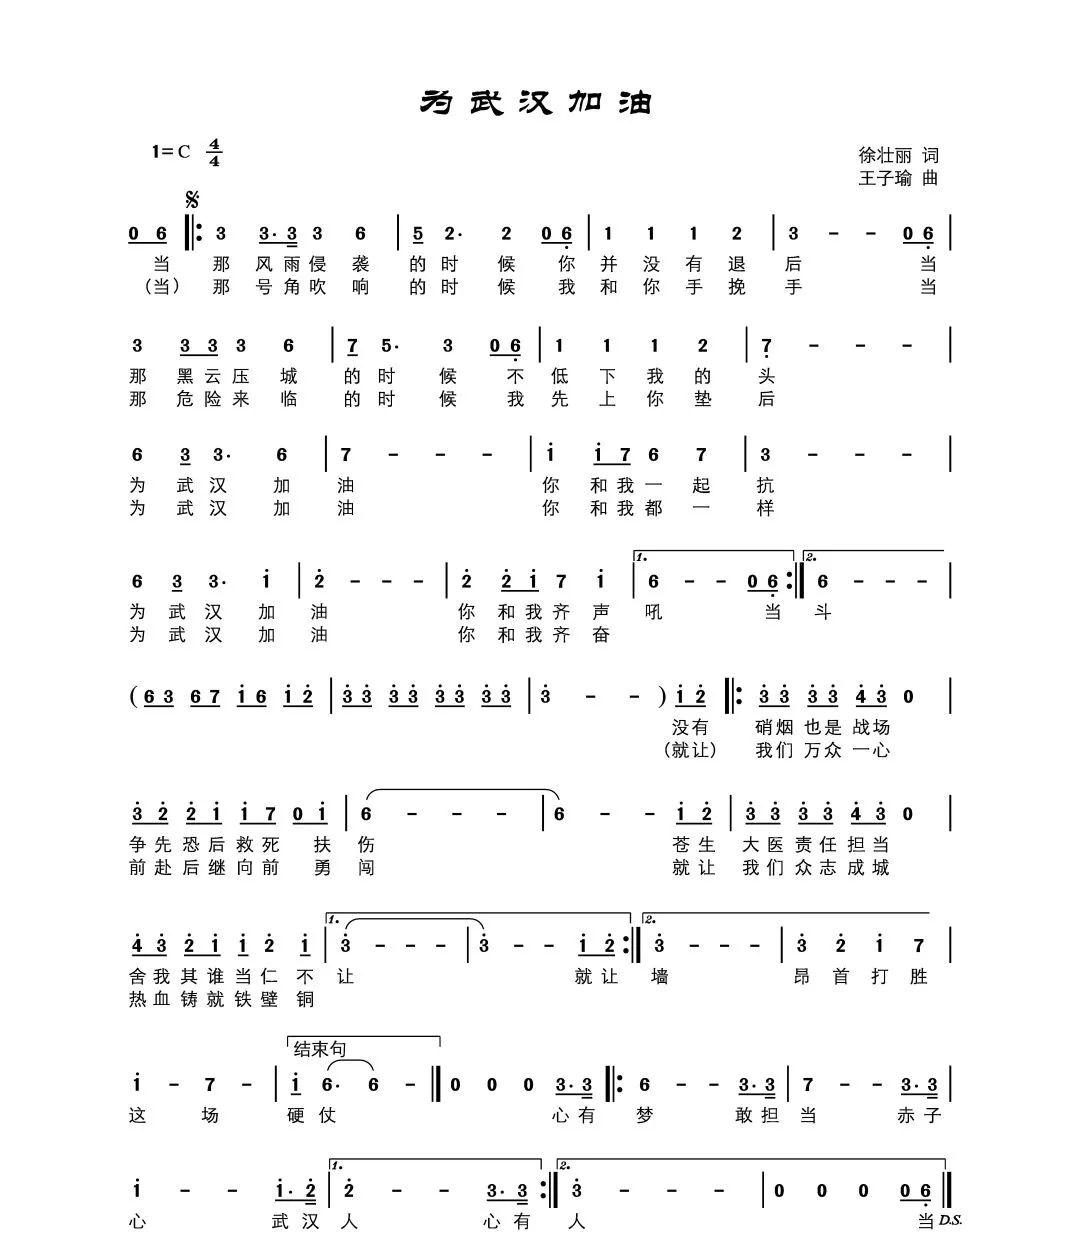 副歌曲谱_歌舞伎面谱综合征图片